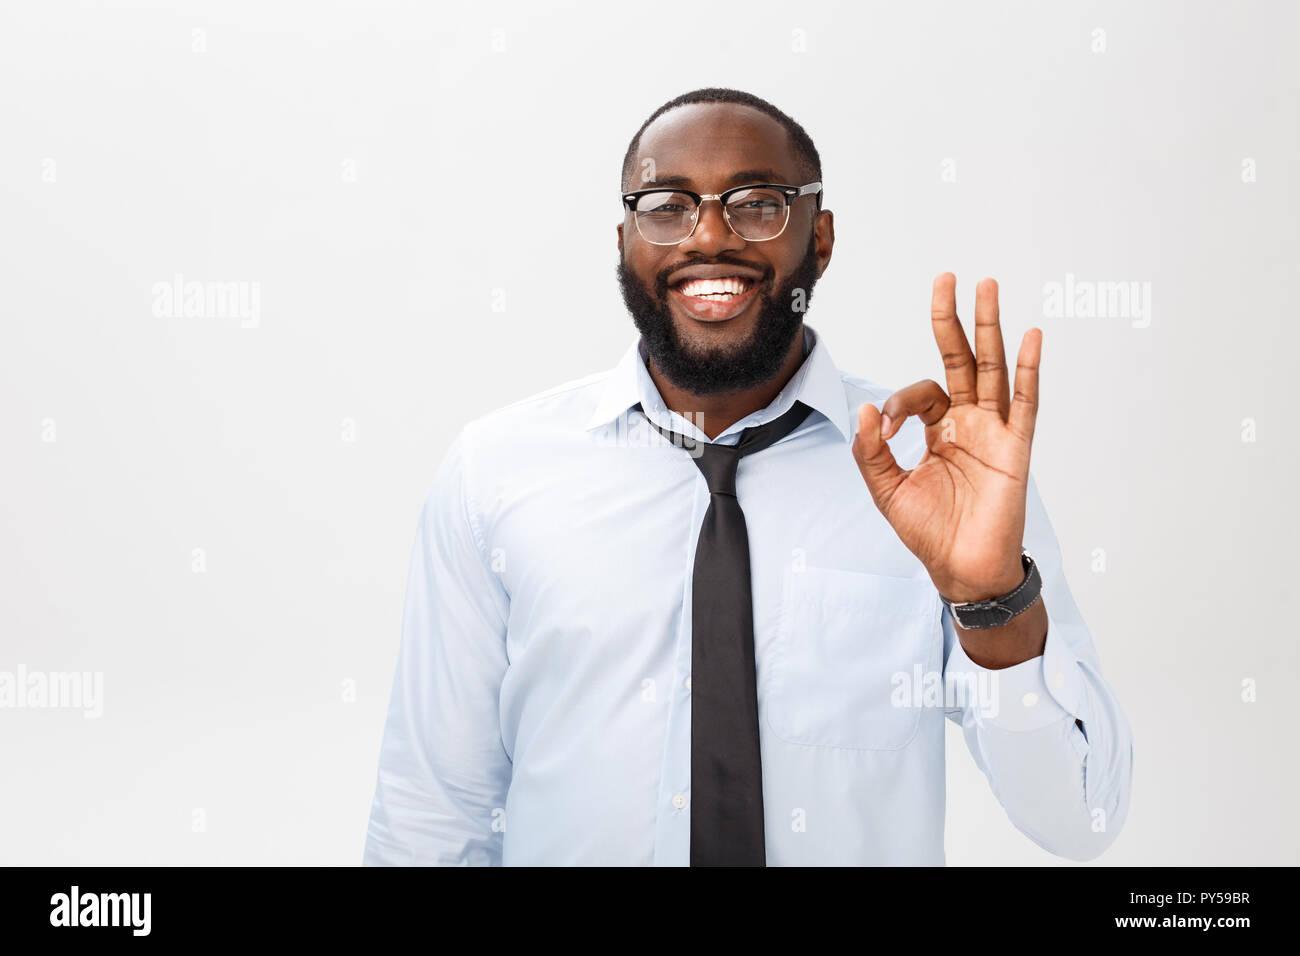 Portrait of african american man smiling et montrant bien signer. Concept Le langage du corps Banque D'Images